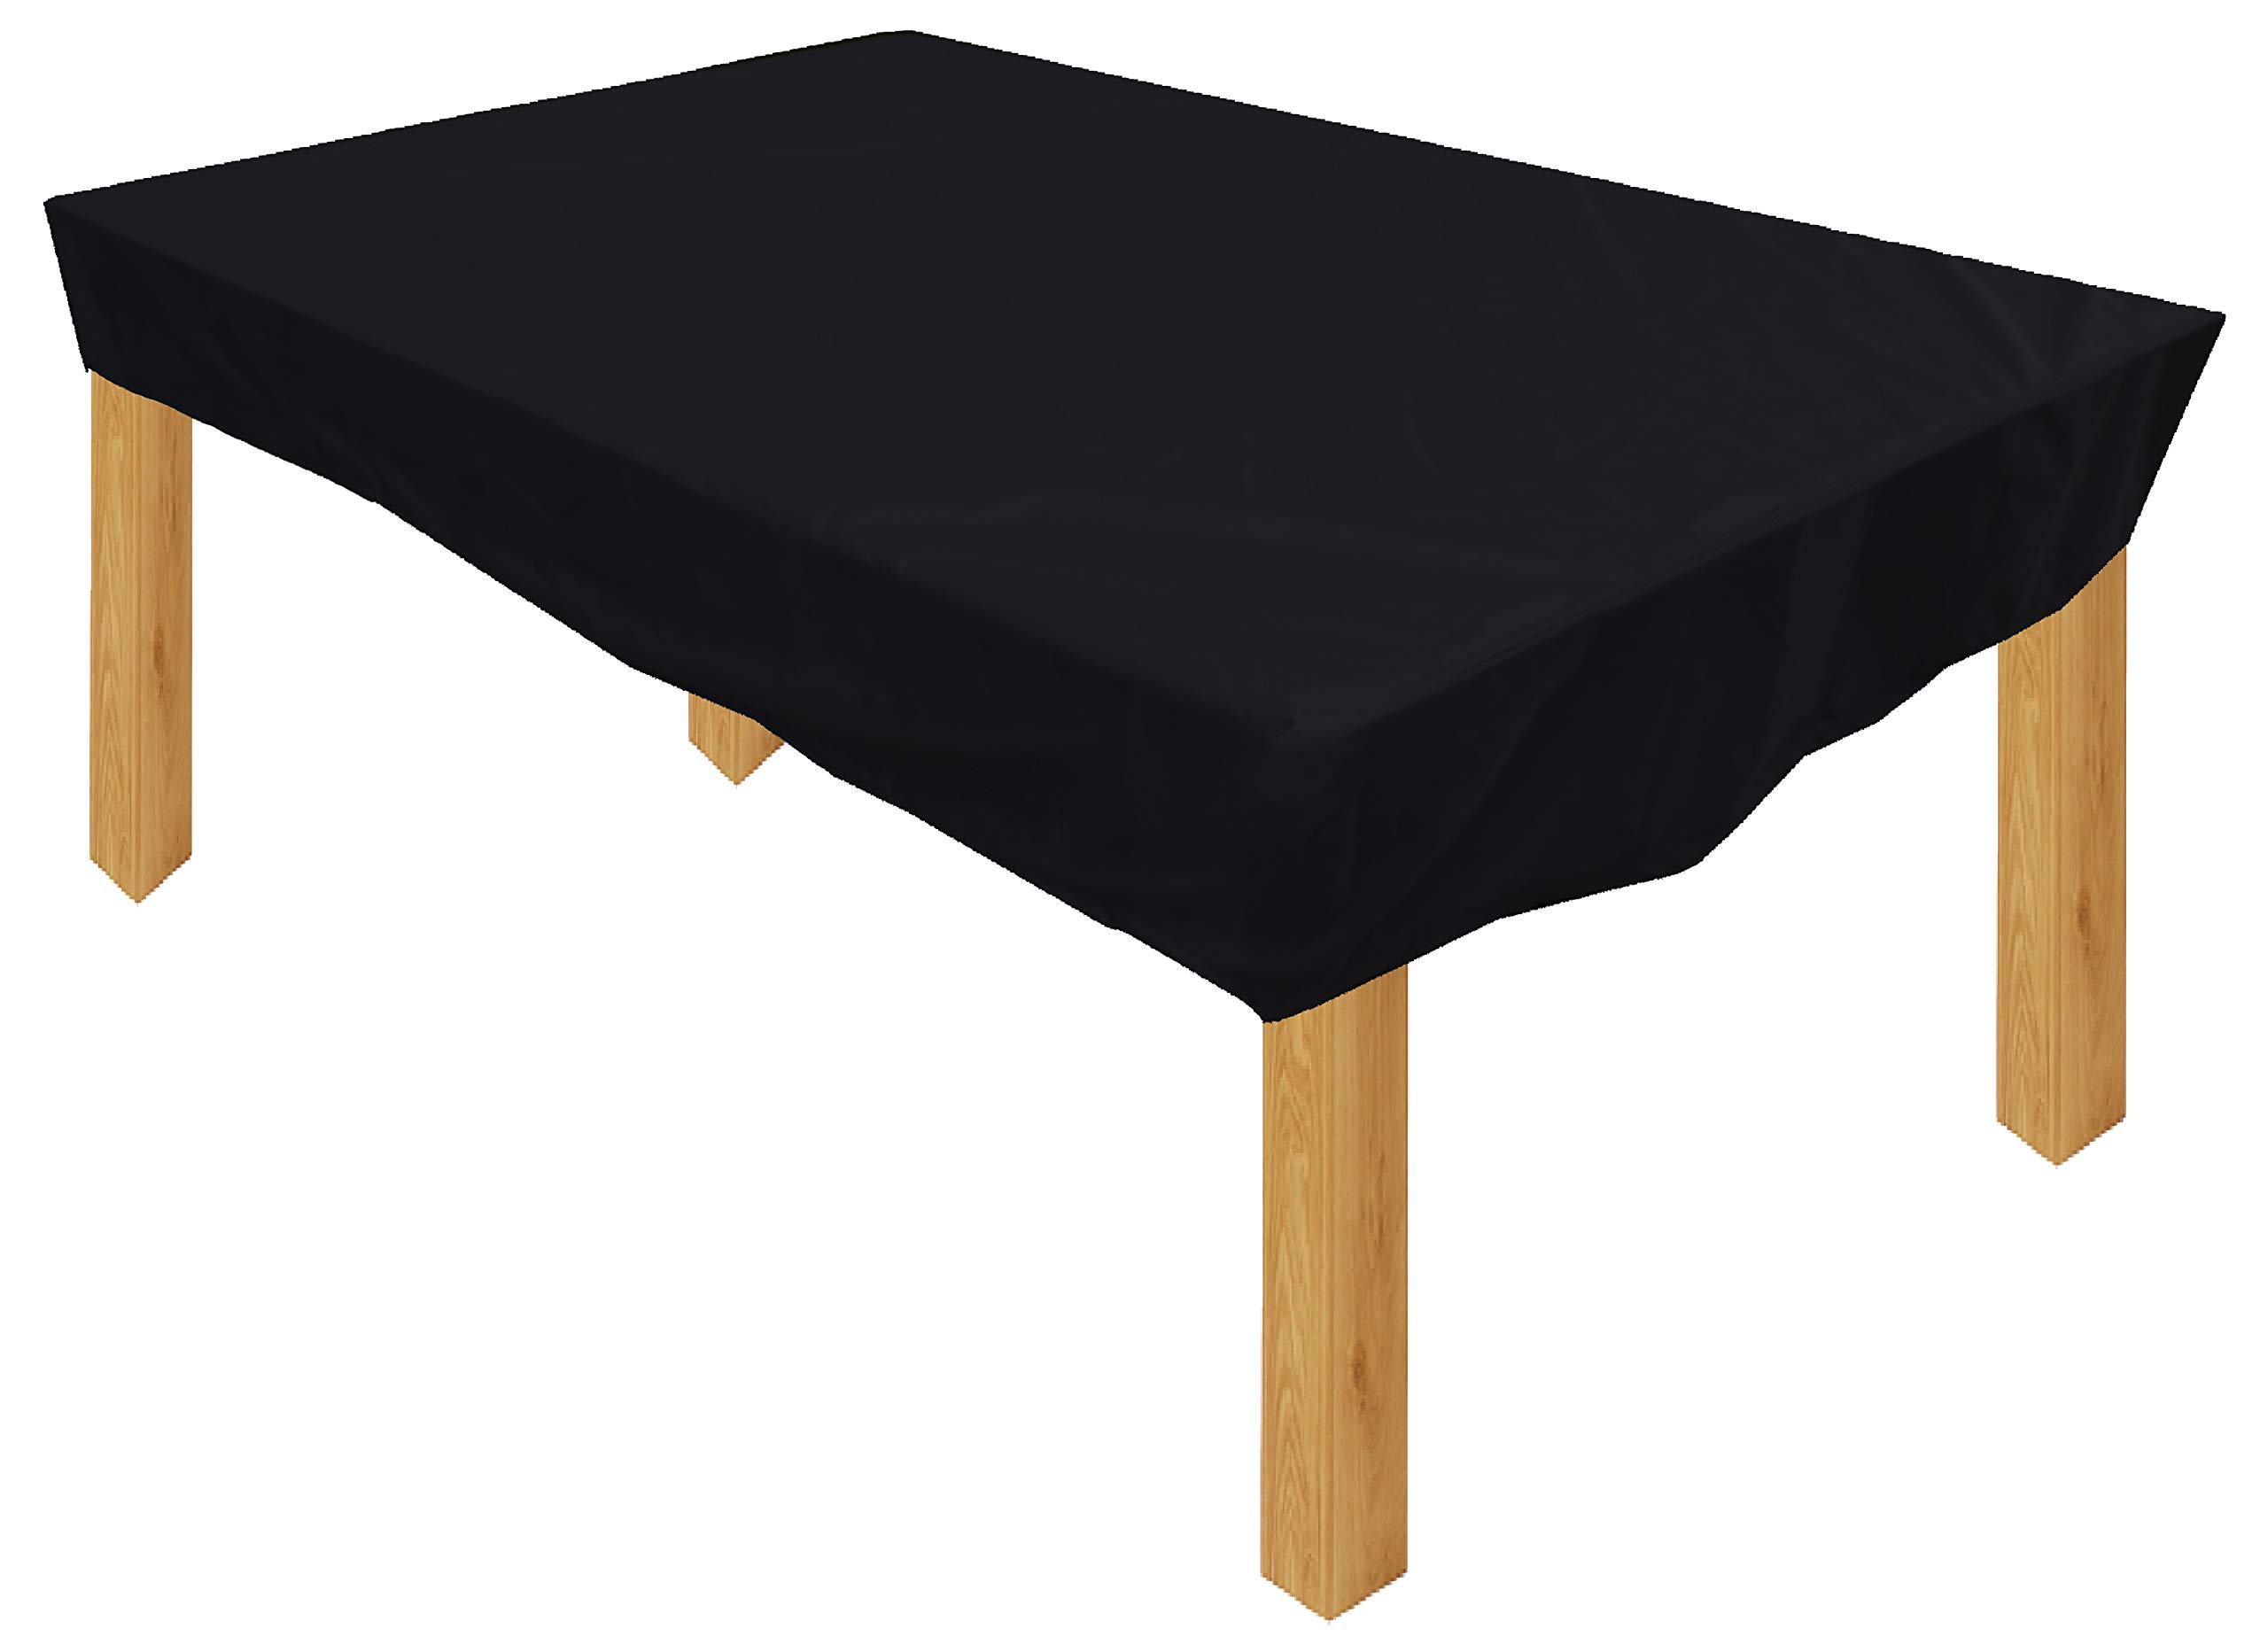 KaufPirat - Funda para muebles de jardín (150 x 90 x 15 cm), color negro: Amazon.es: Jardín